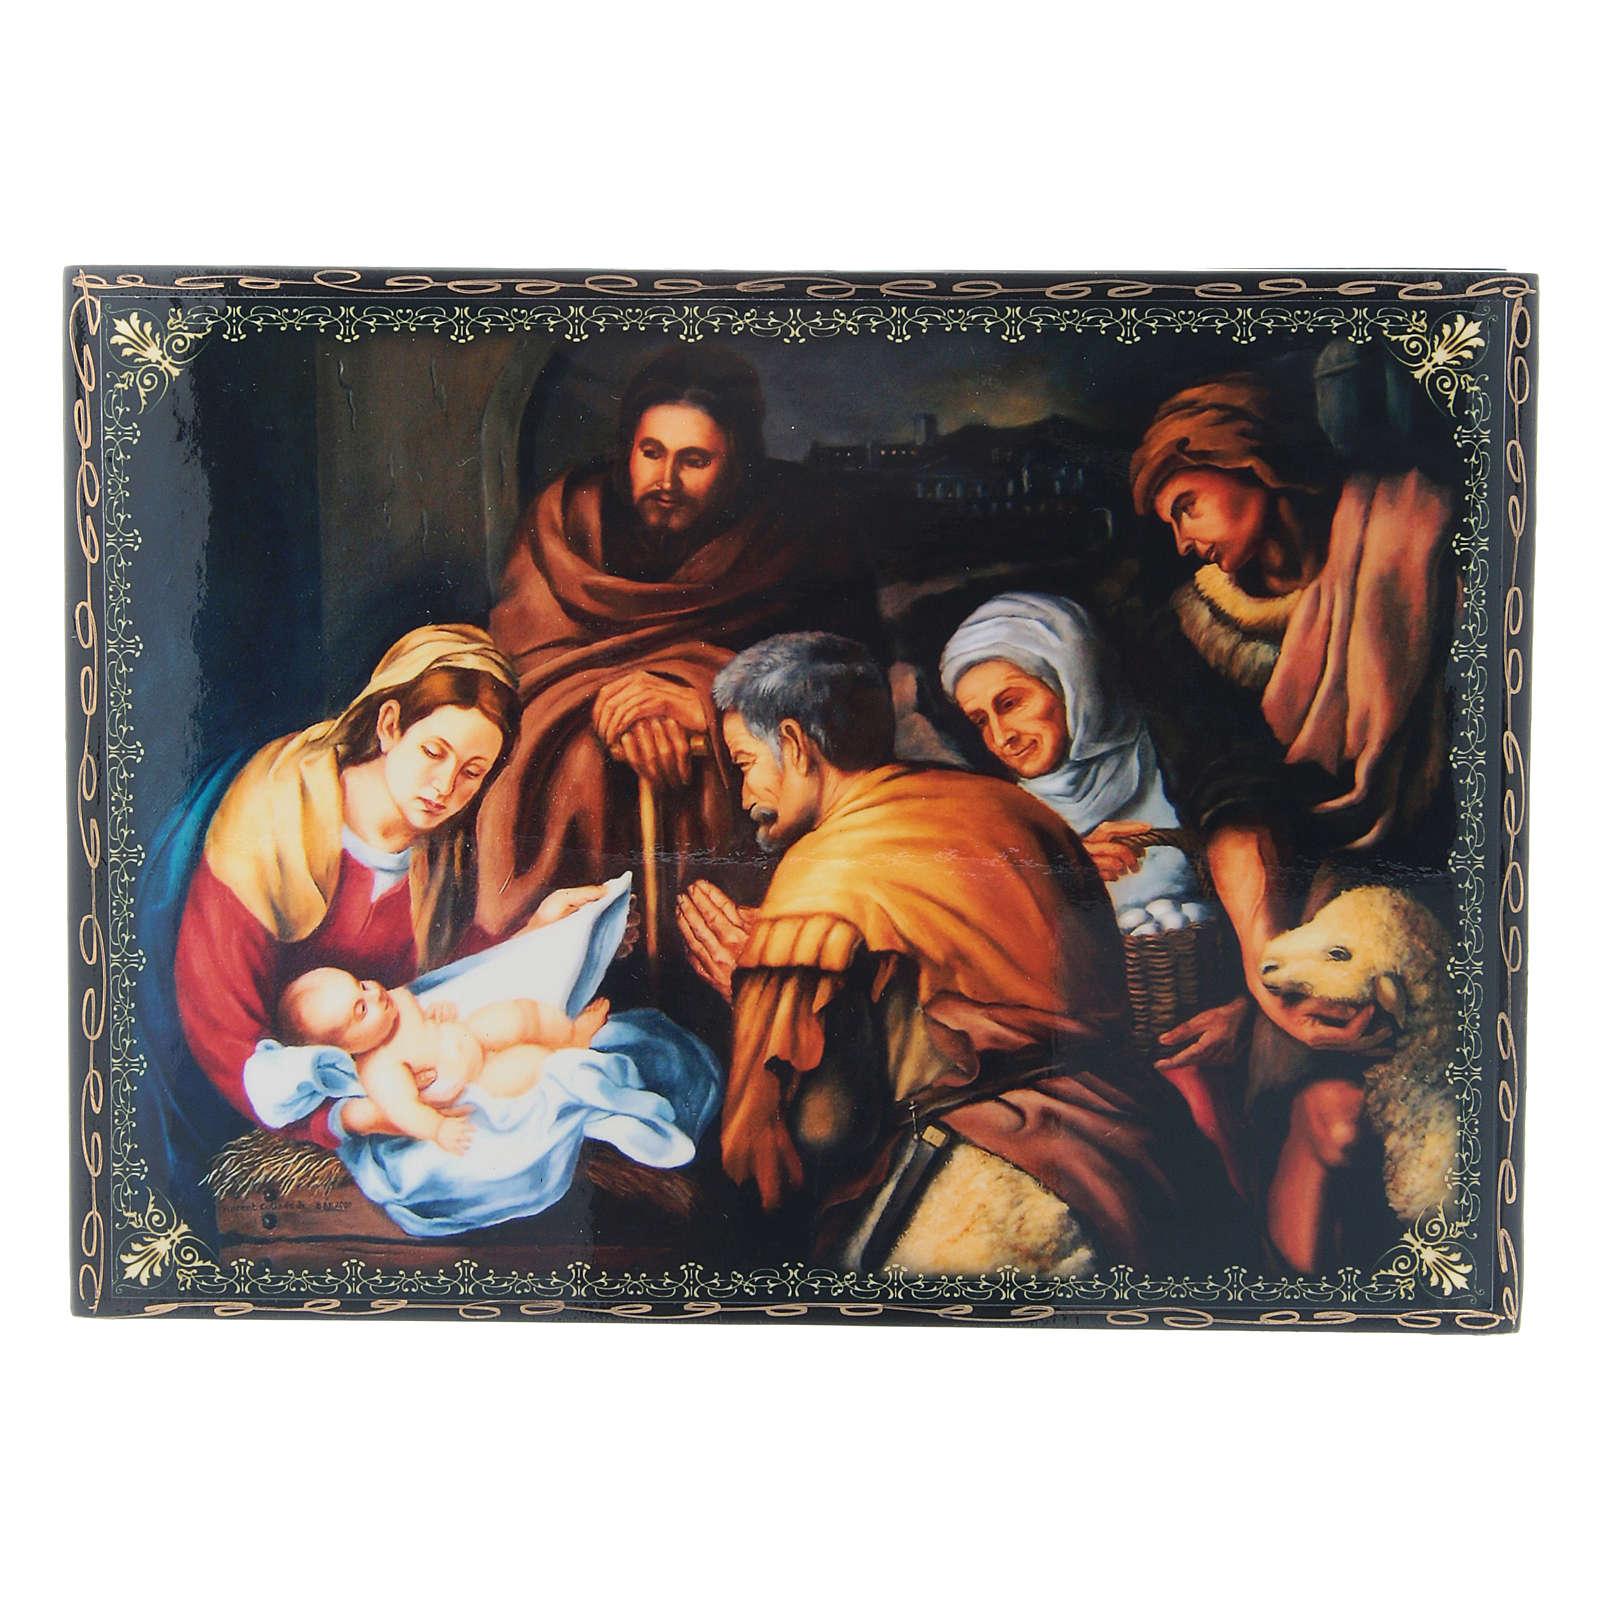 Scatola russa decoupage cartapesta La Nascita di Cristo 22X16 cm 4